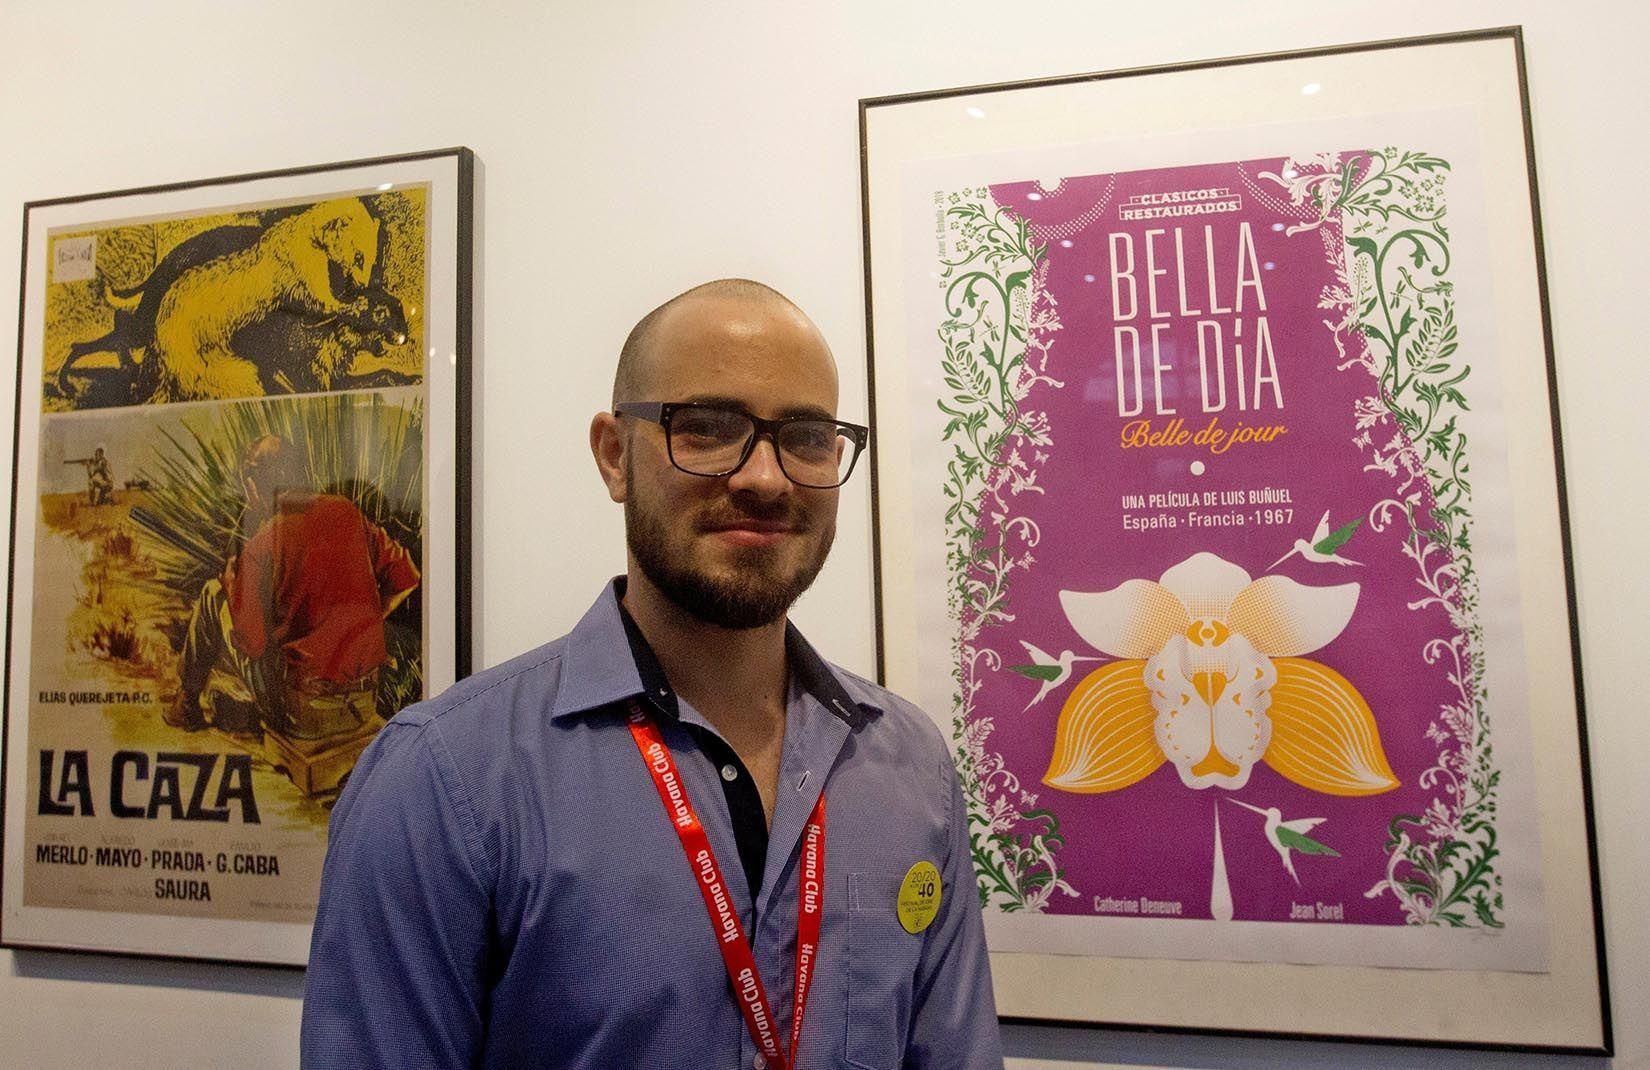 """Javier G. Borbolla, diseñador del cartel inspirado en la película """"Bella de día"""". Foto: Yander Zamora / EFE."""